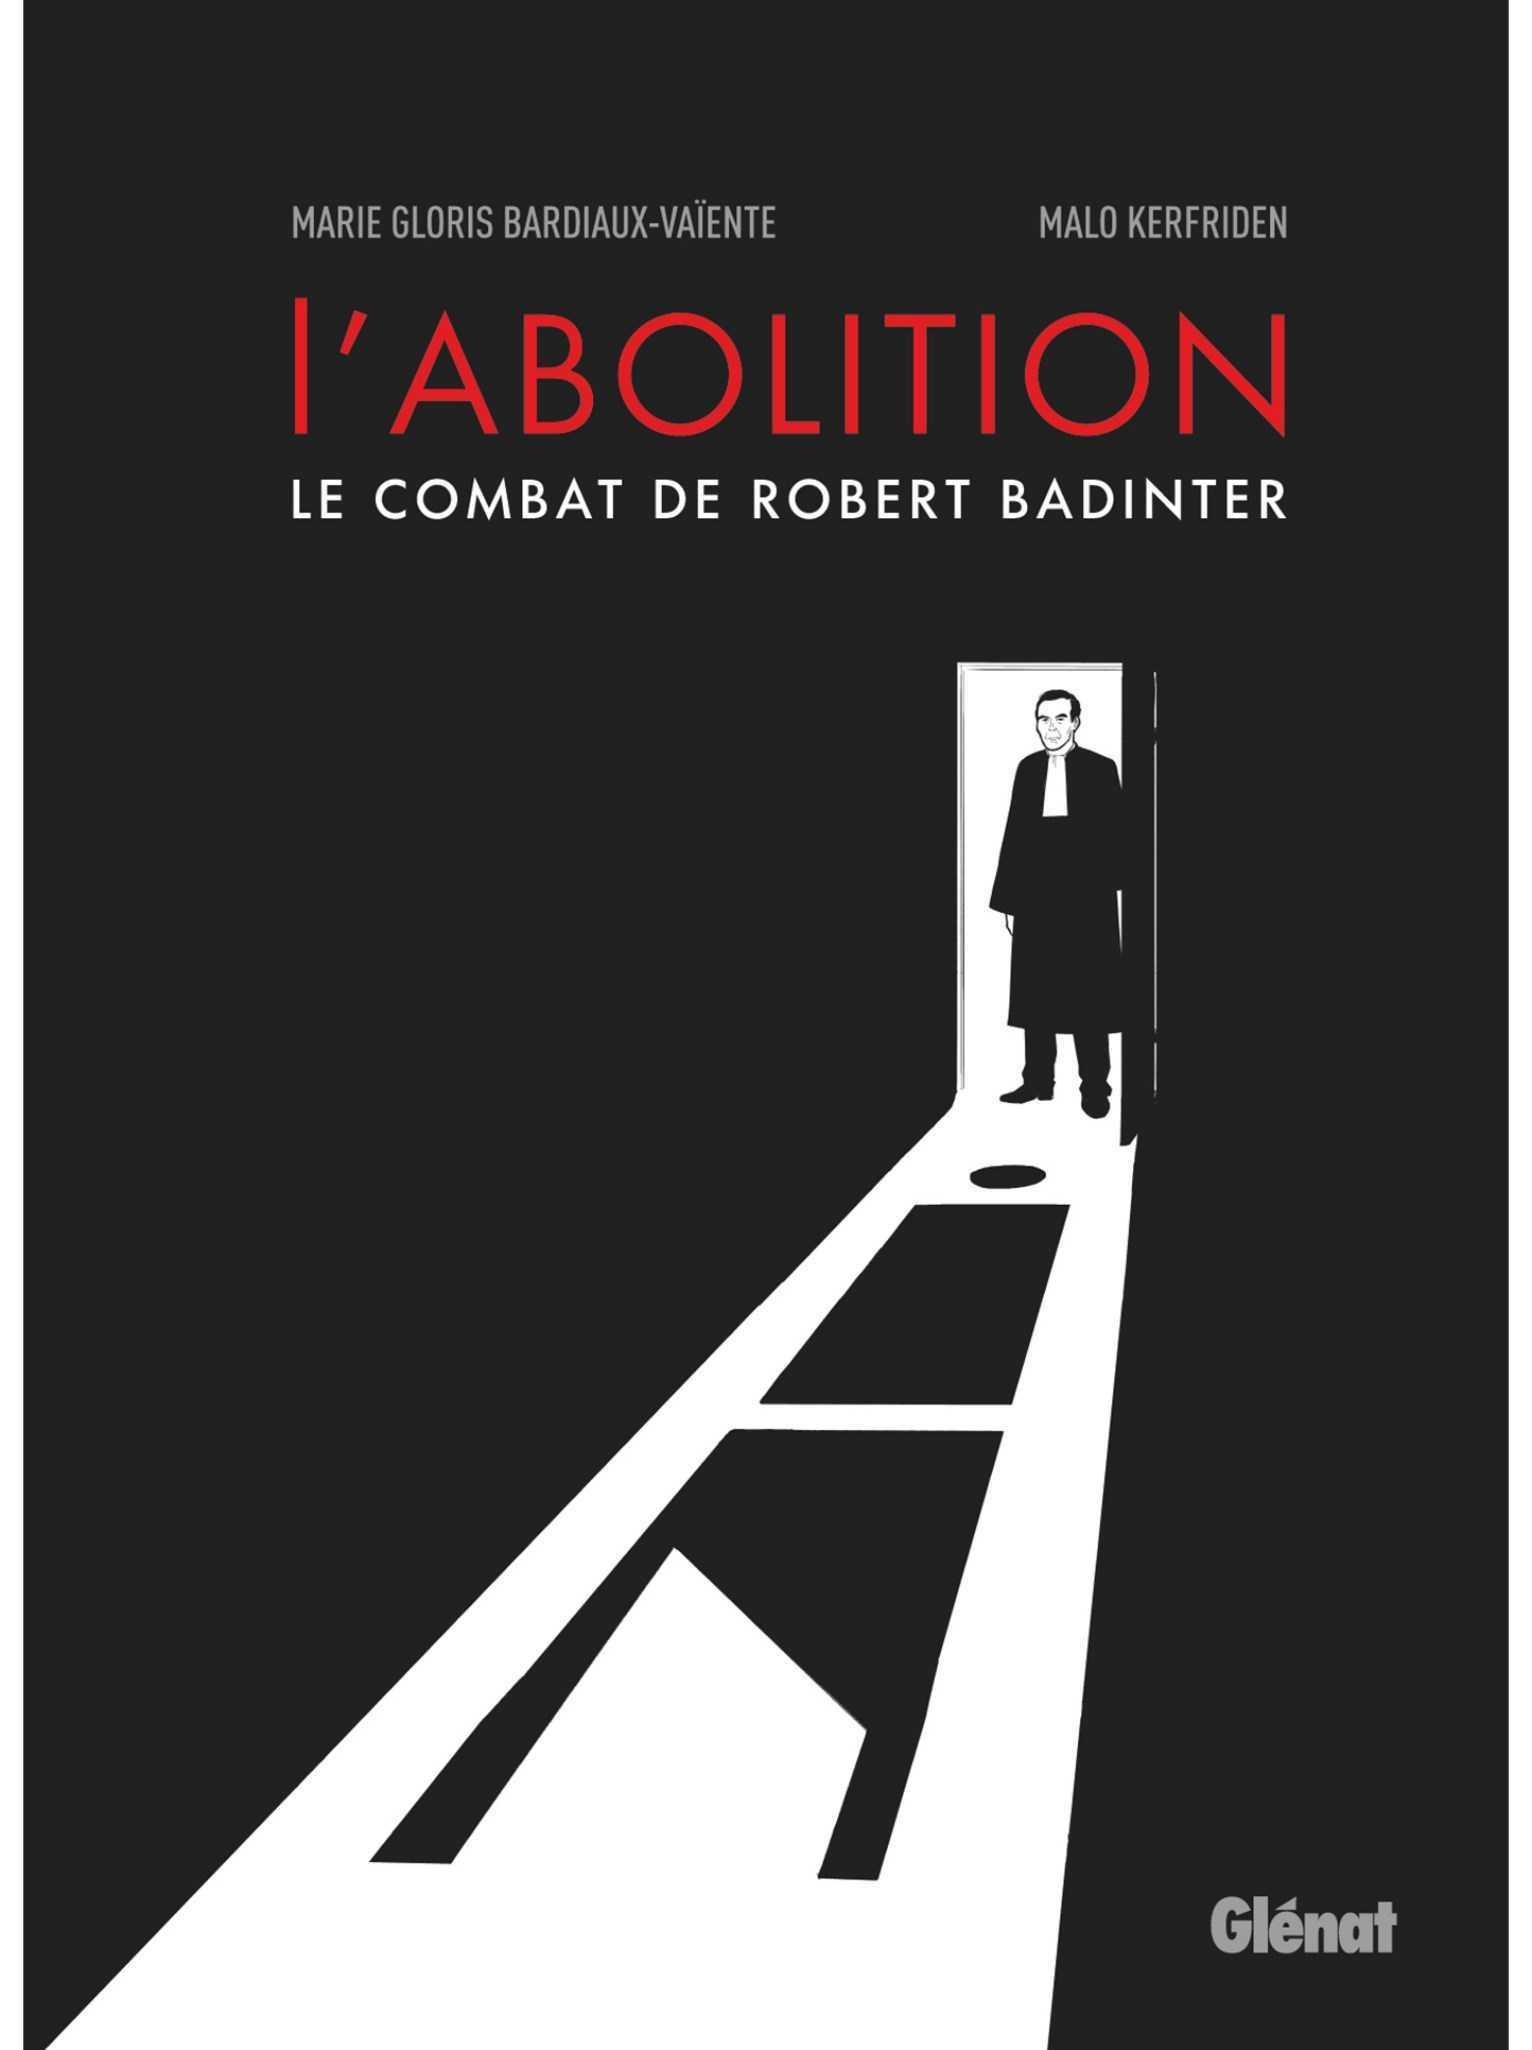 L'Abolition, Robert Badinter homme de foi et de courage